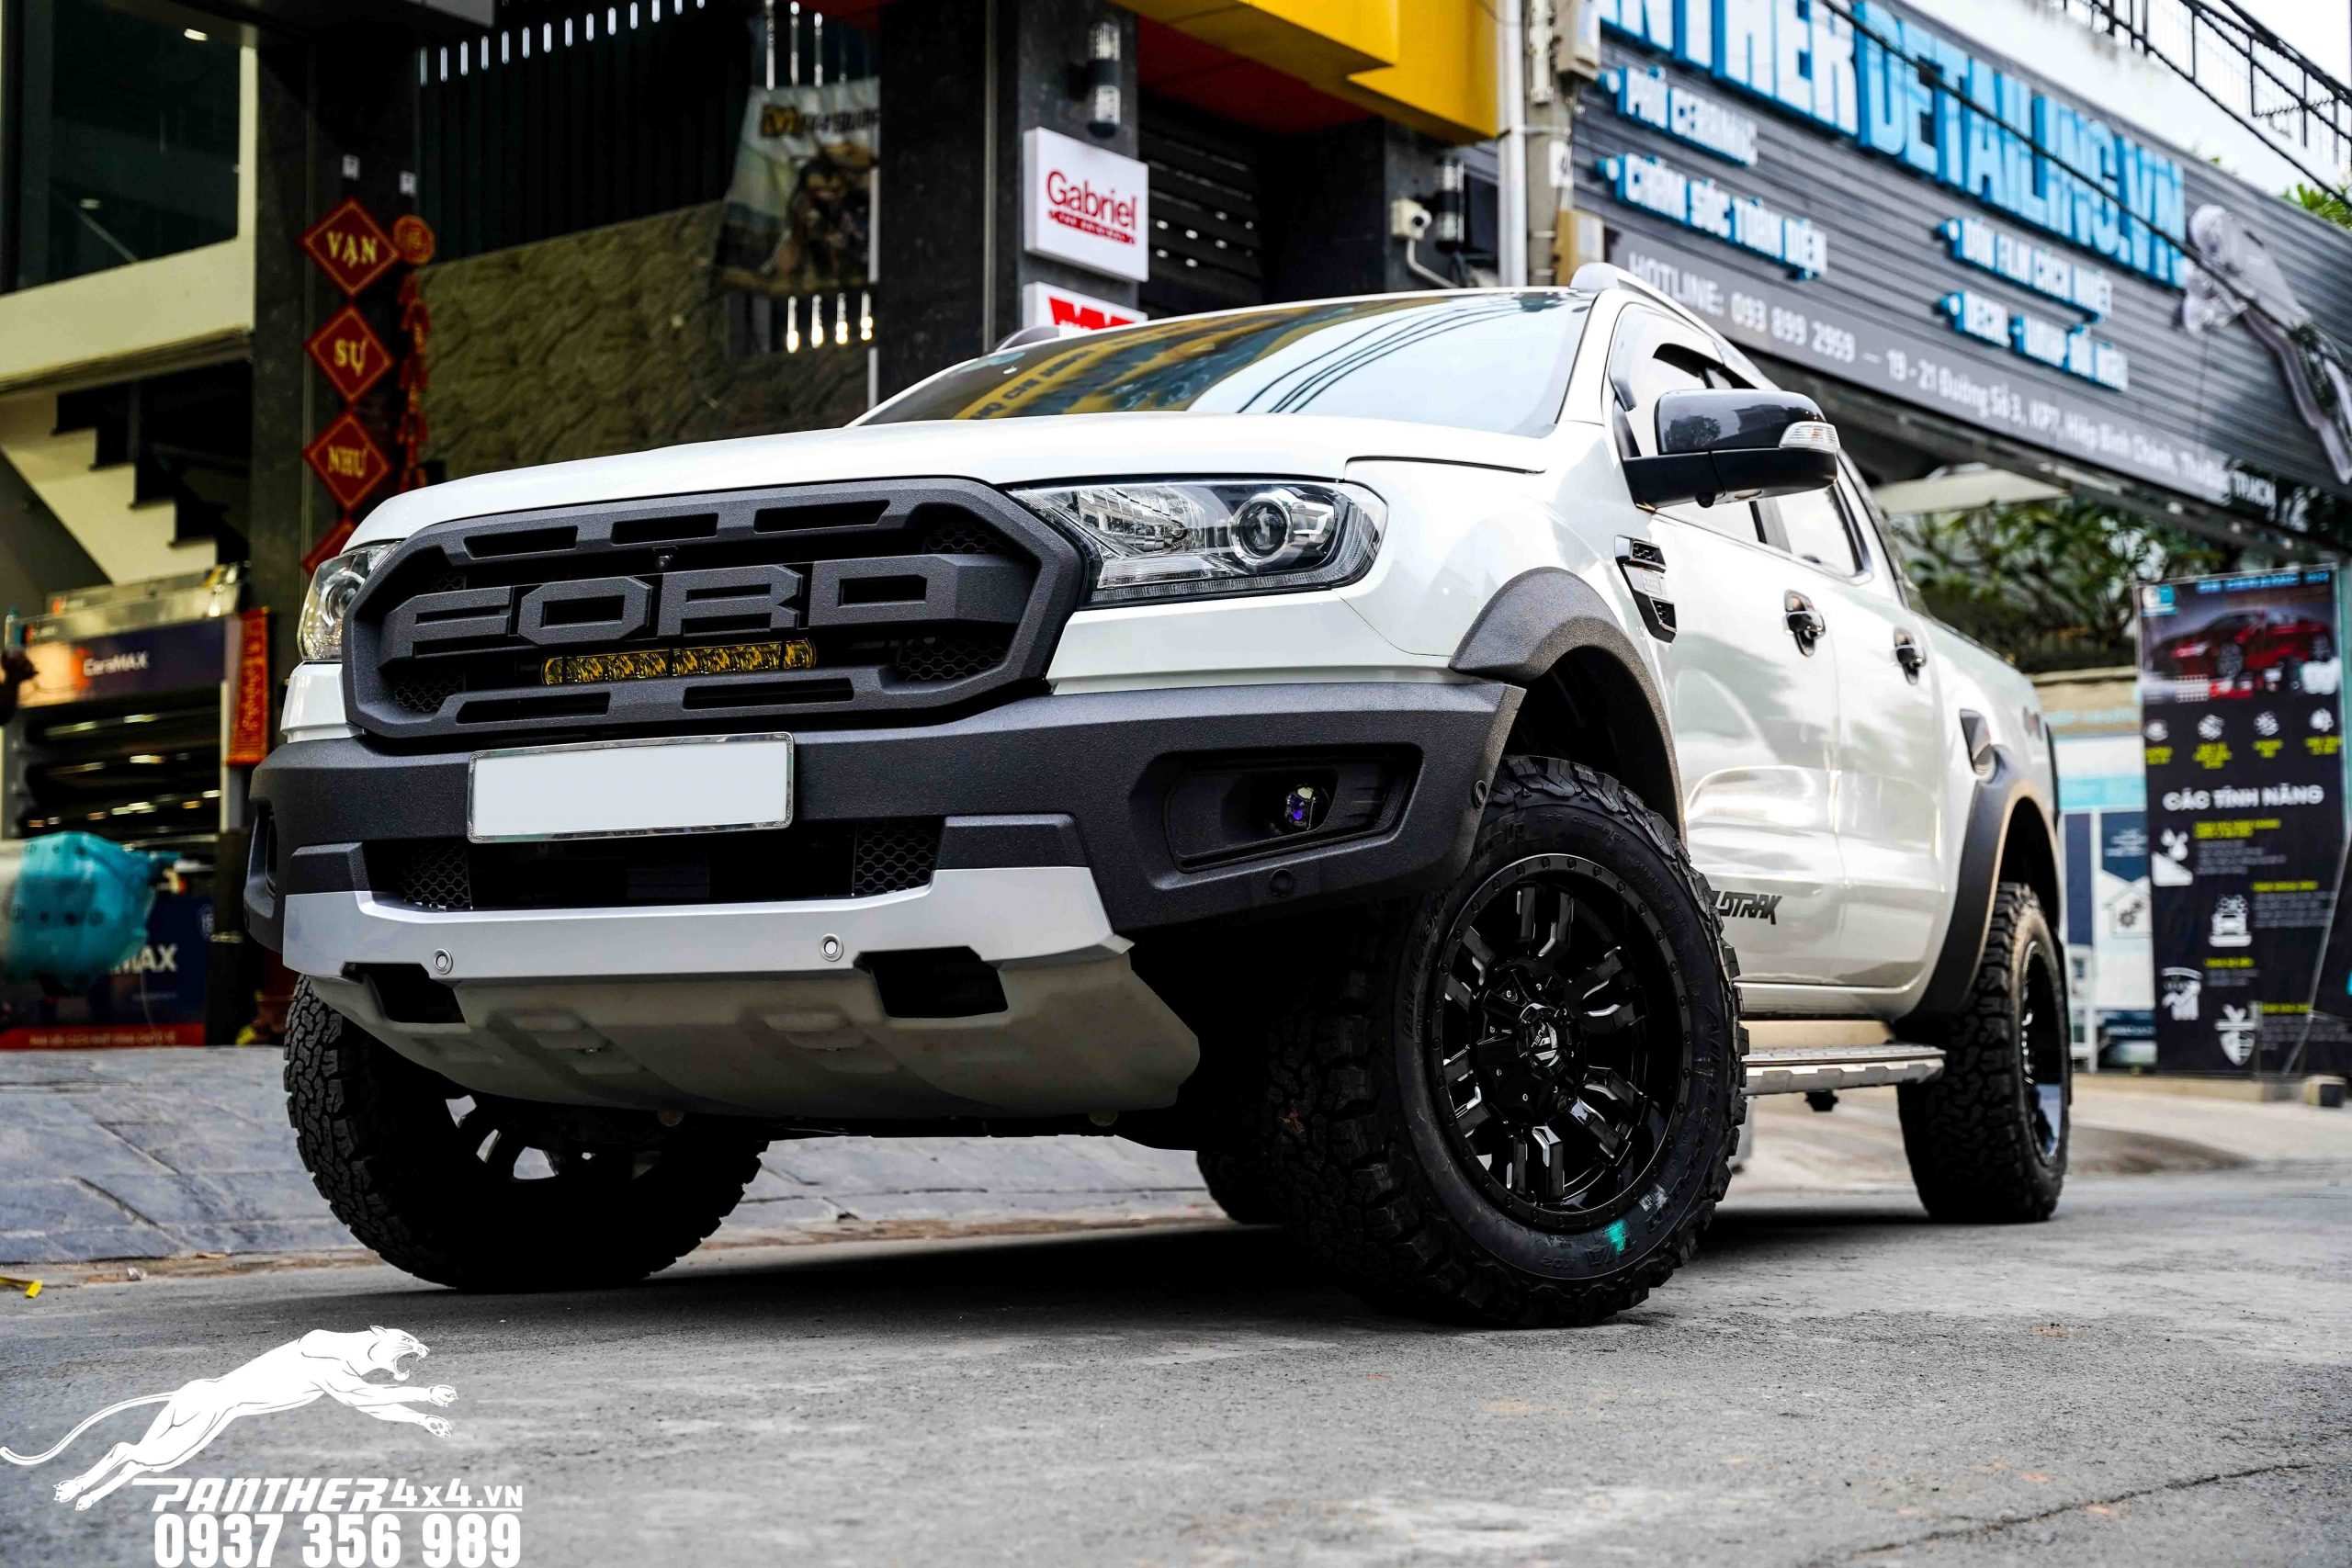 Ford Ranger Raptor có hoán cải không?Đây là một câu hỏi của rất nhiều chủ xe khi đăng ký dịch vụ hoán cải xe bán tải. Mời các chủ xe cùng tìm hiểu bài viết phía bên dưới để hiểu hơn nhé!